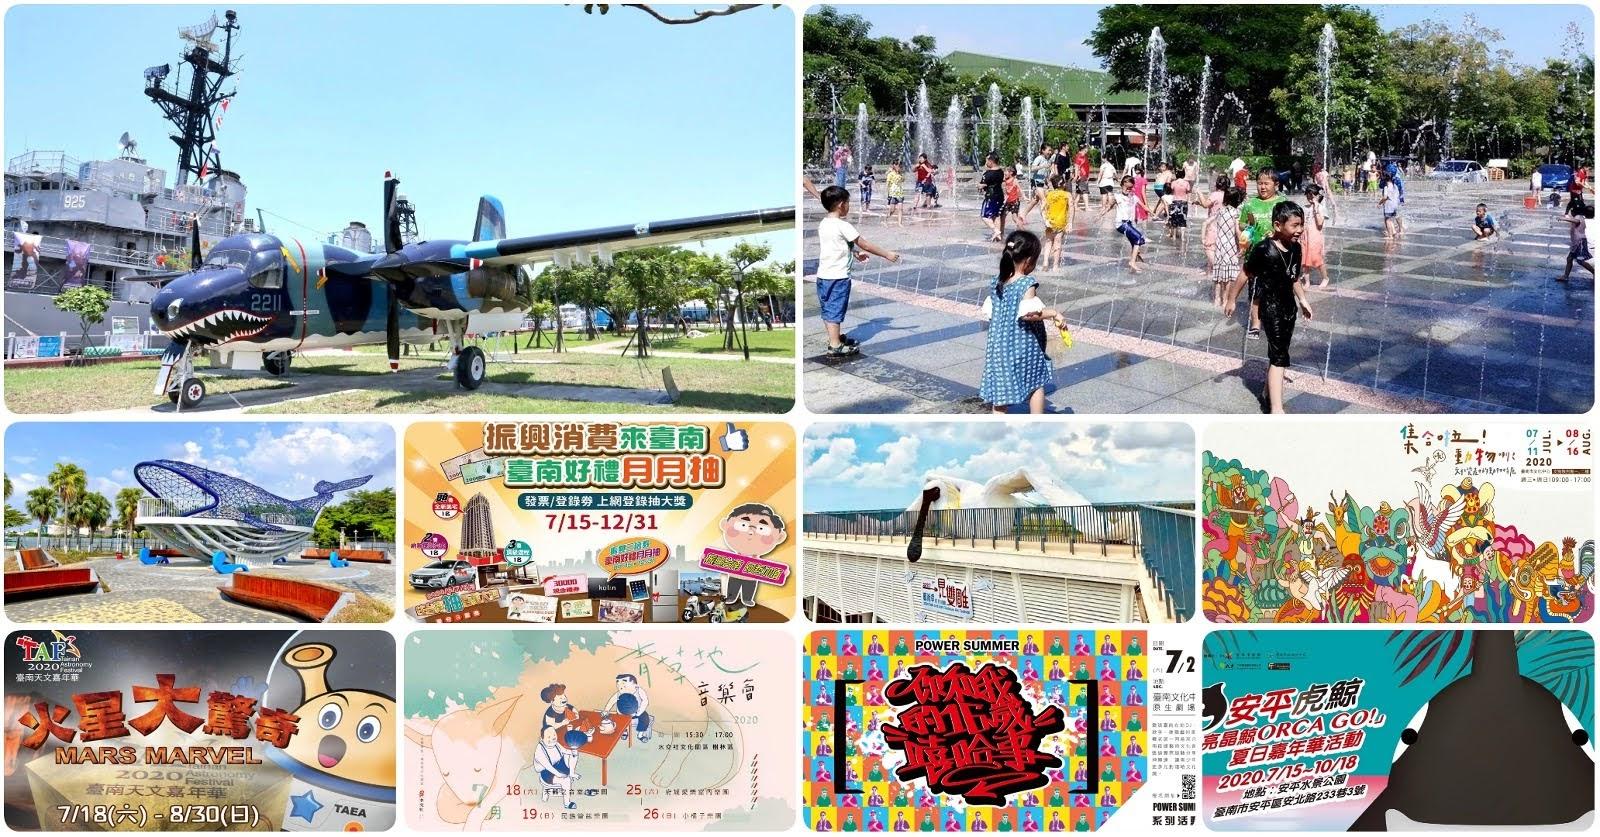 [活動] 2020/7/24-/7/26|台南週末活動整理|本週末活動數:81